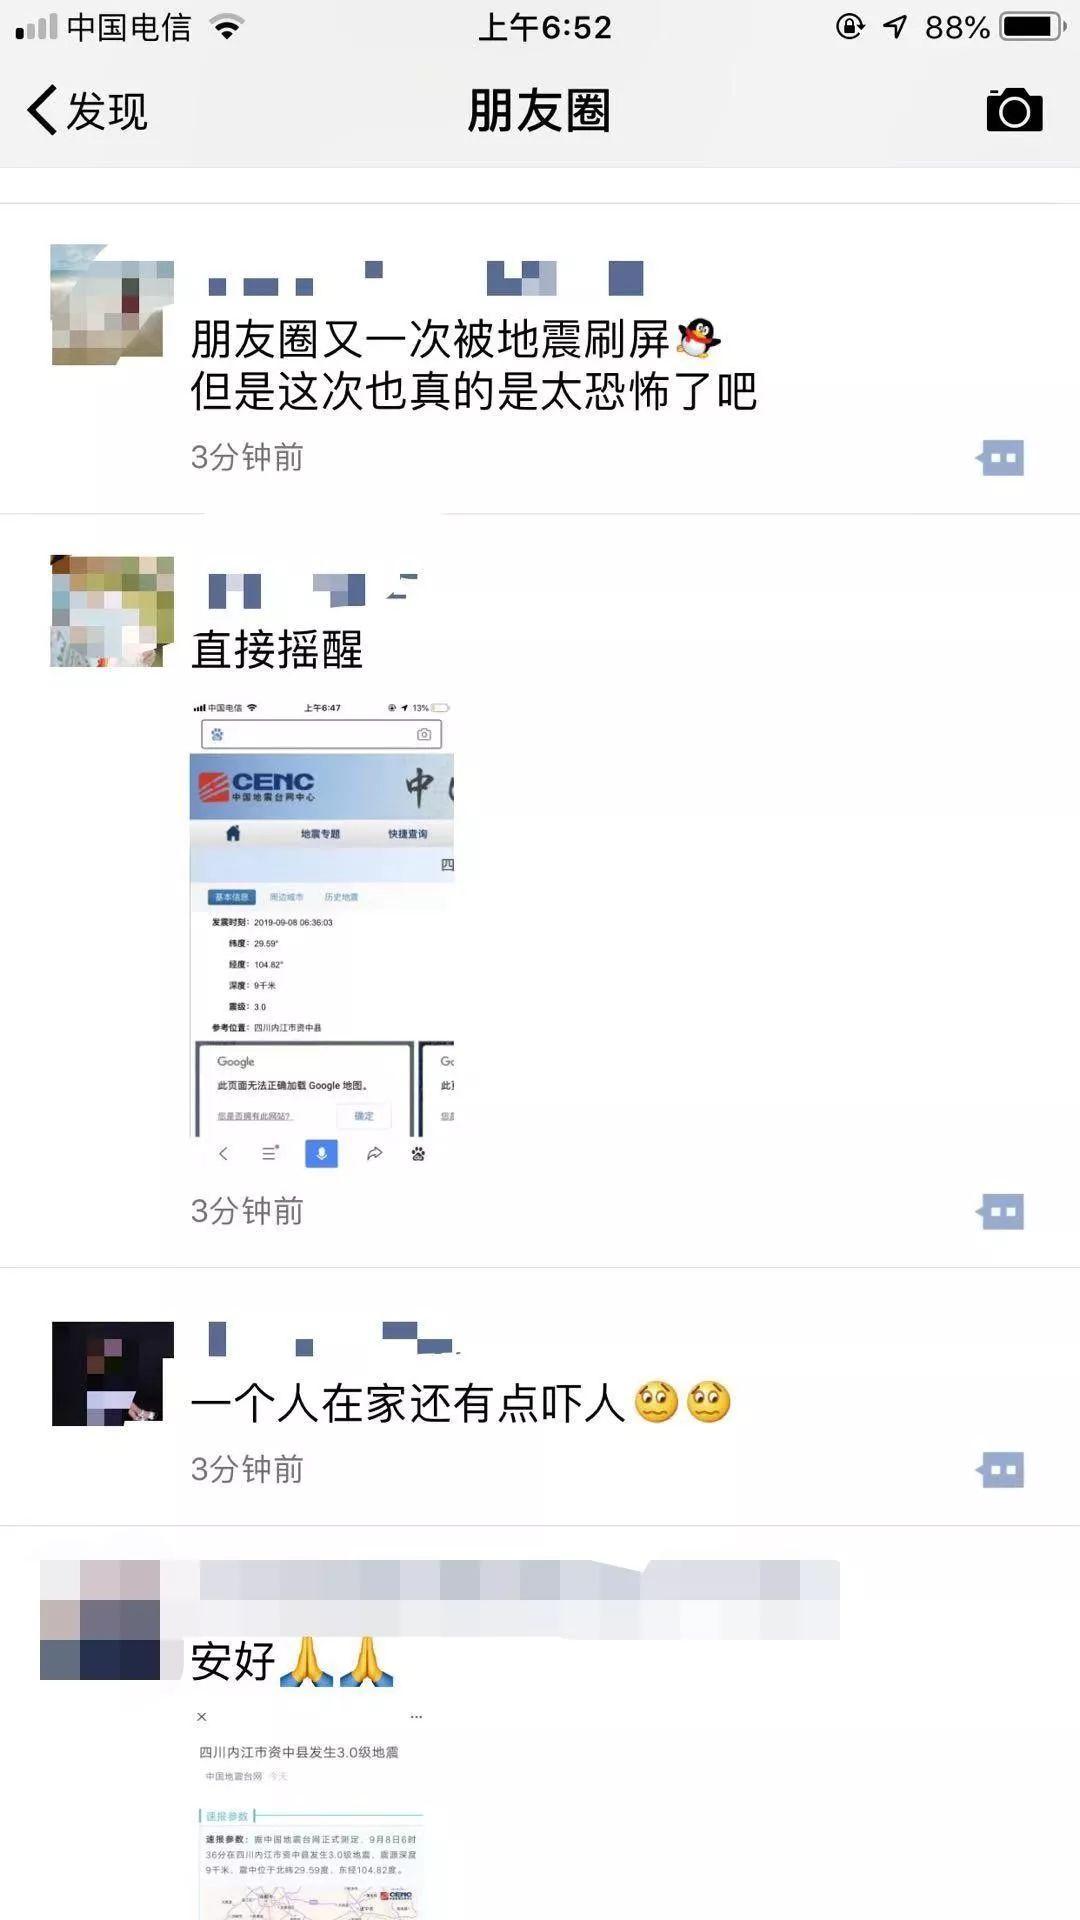 昨天内江威远发生5.4级地震,仁寿人感觉到没?